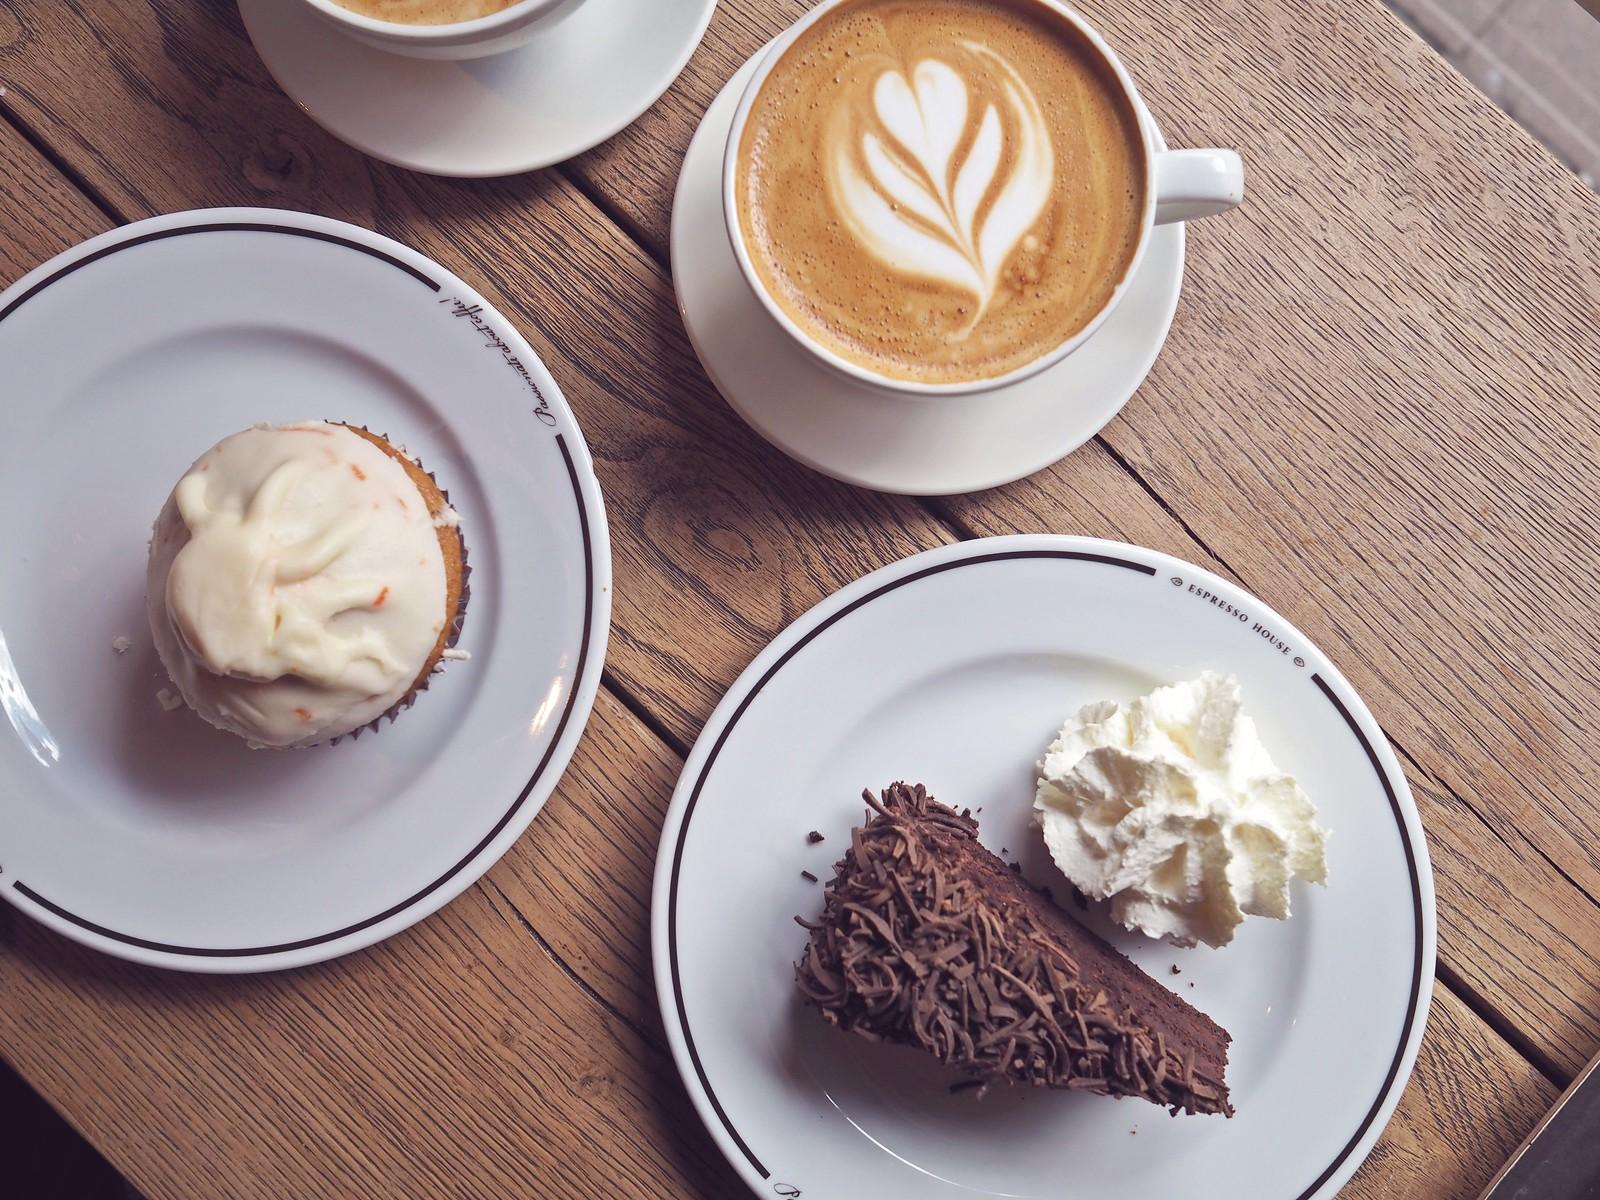 kööpenhamina espresso house